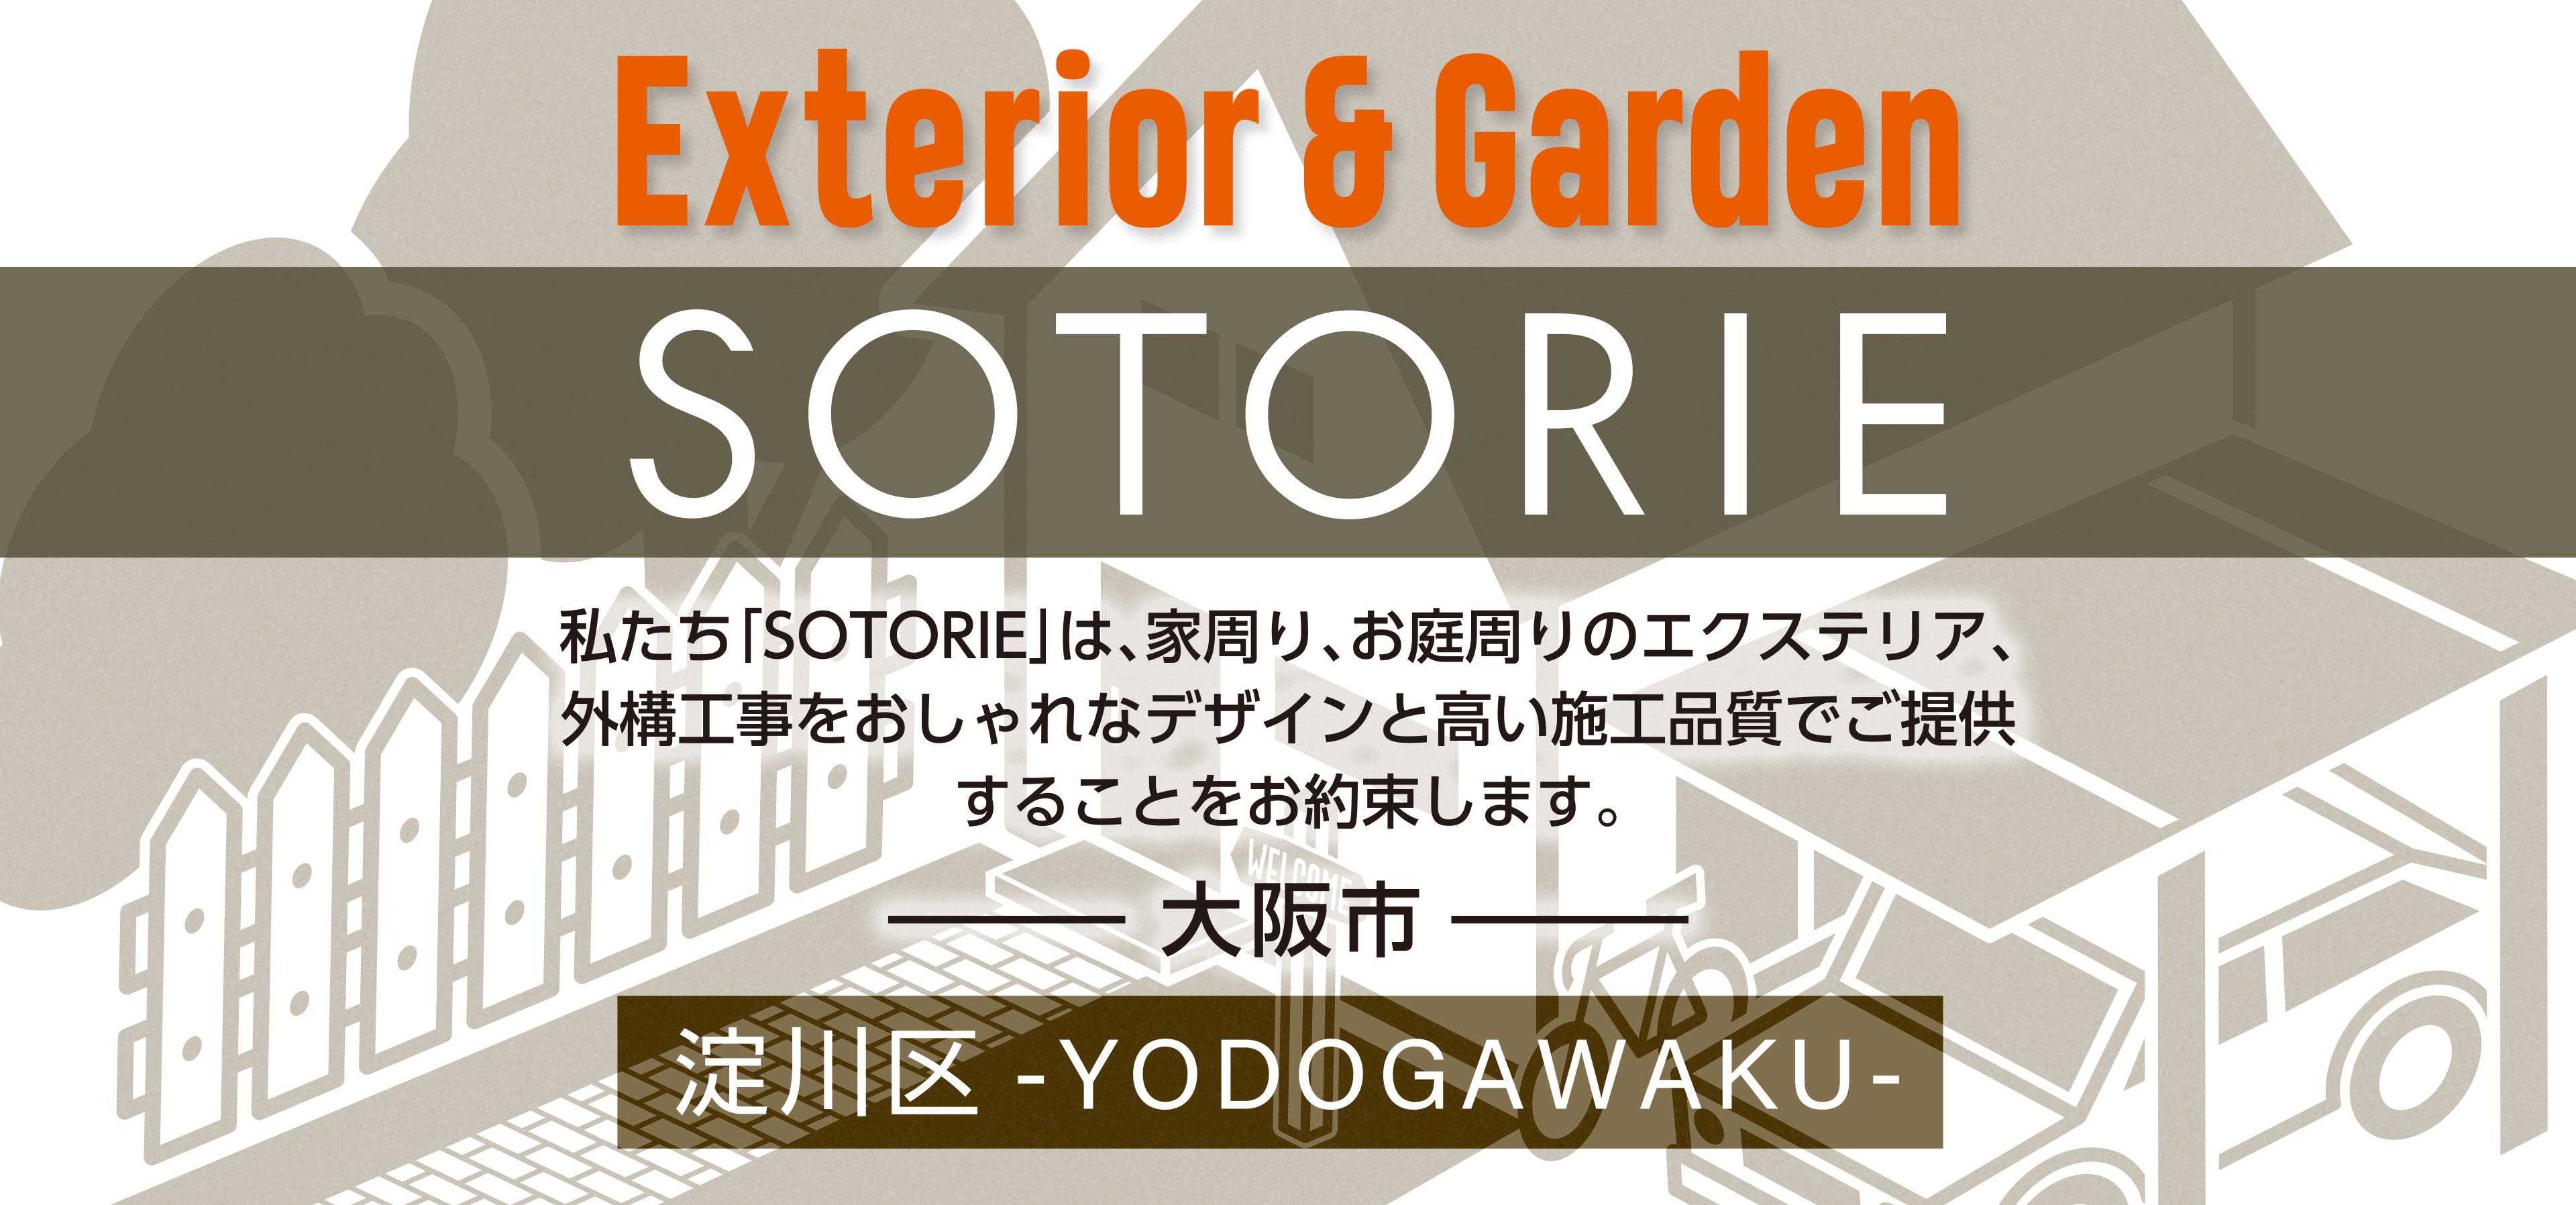 ソトリエ大阪市淀川区では、家周りと庭周りの外構、エクステリア工事をおしゃれなデザインと高い施工品質でご提供することをお約束します。